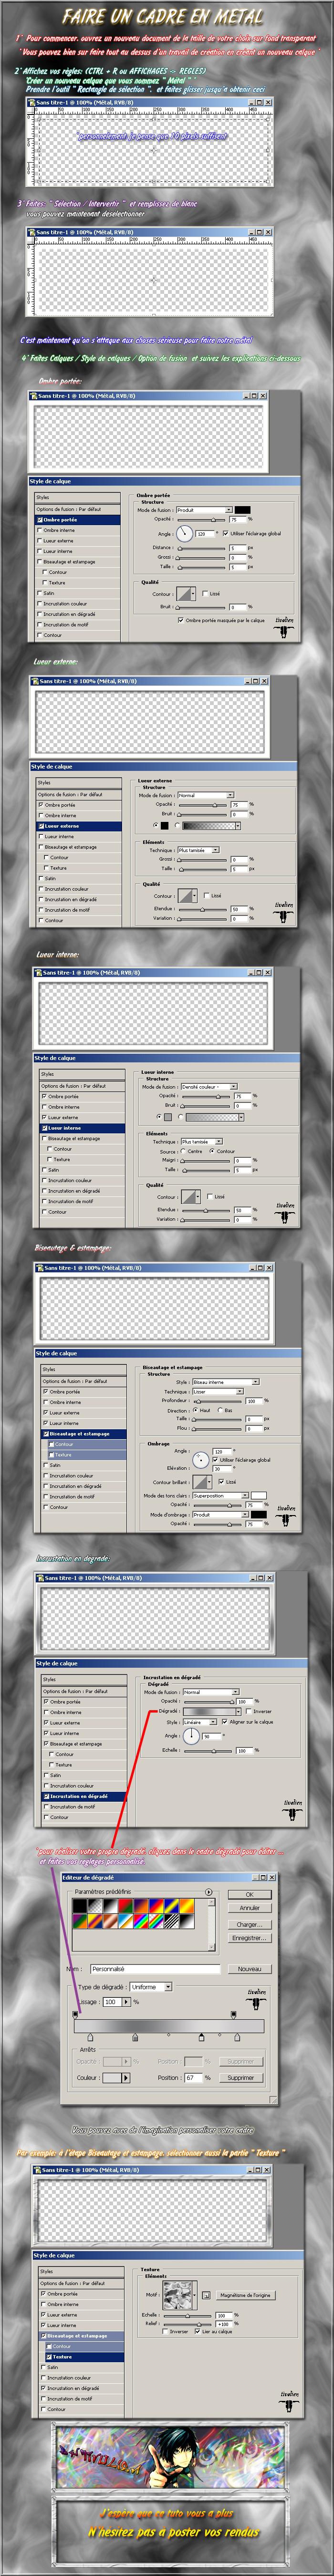 Tag high_tech sur Never Utopia - graphisme, codage et game design 08042108343158771976894